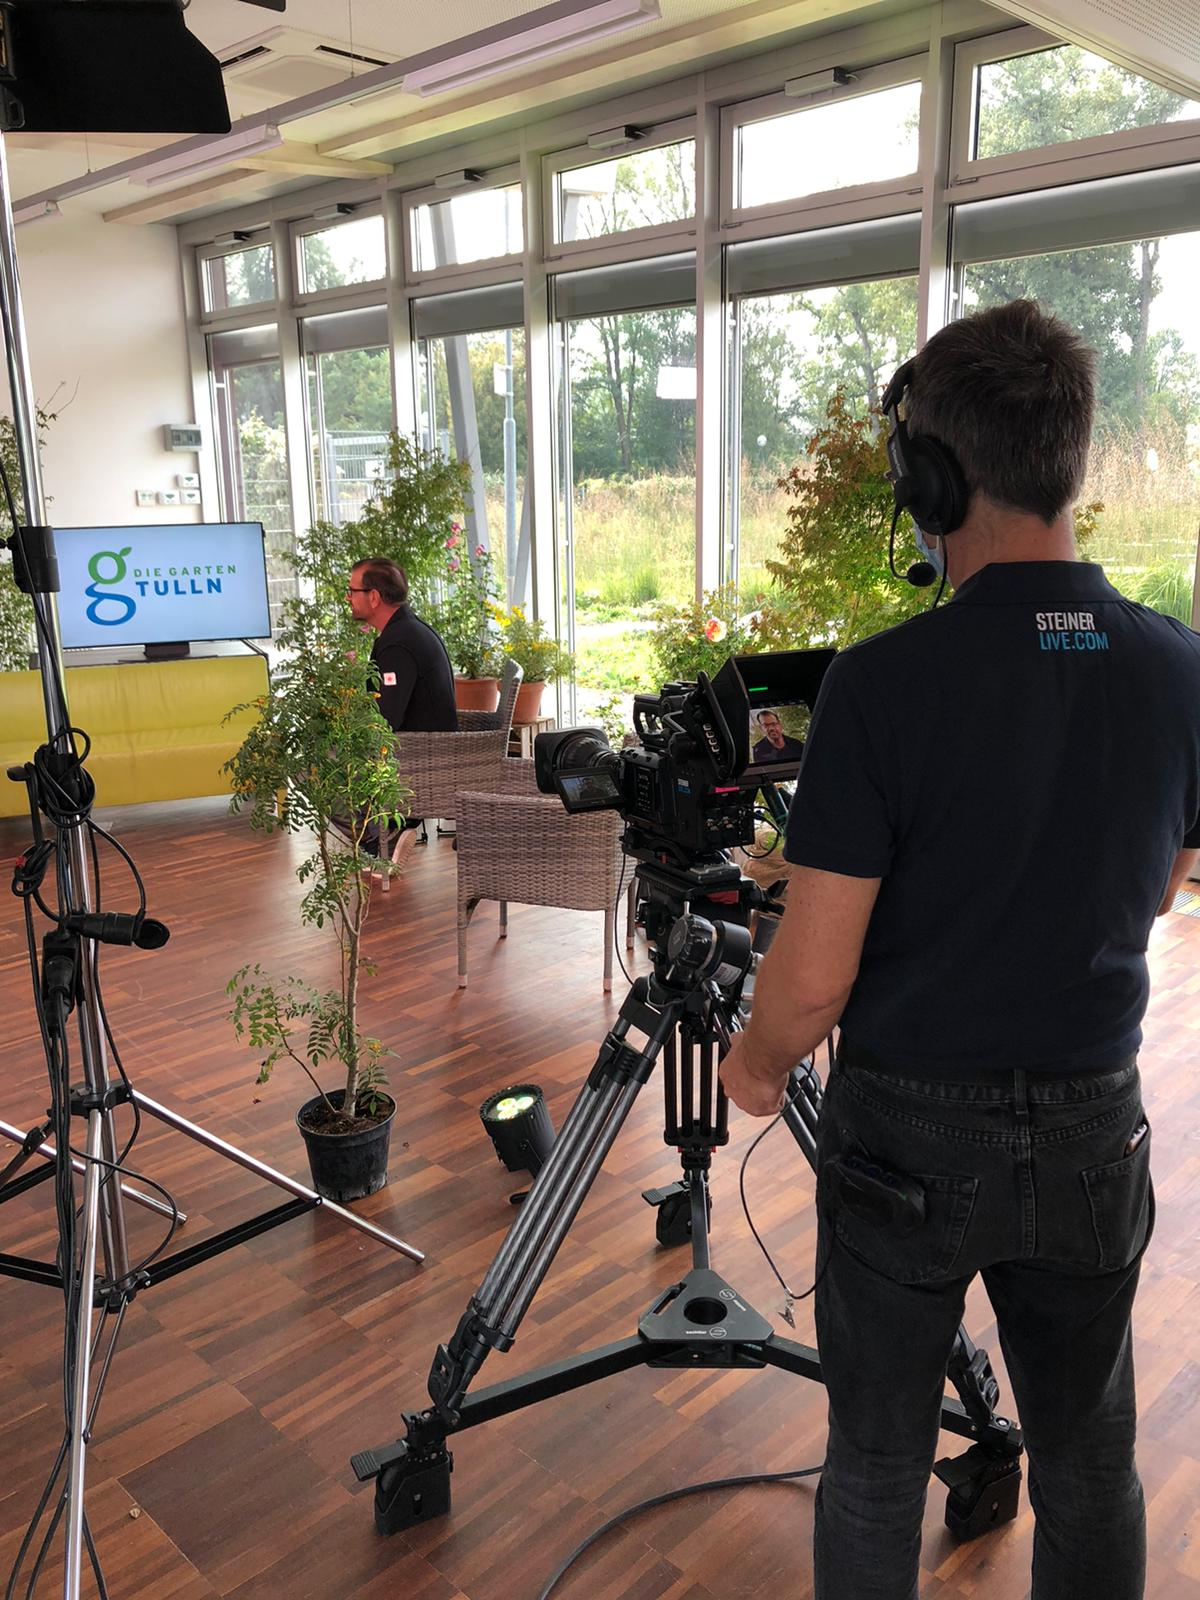 4. Salon EFW – Onlineproduktion mit Natur im Garten